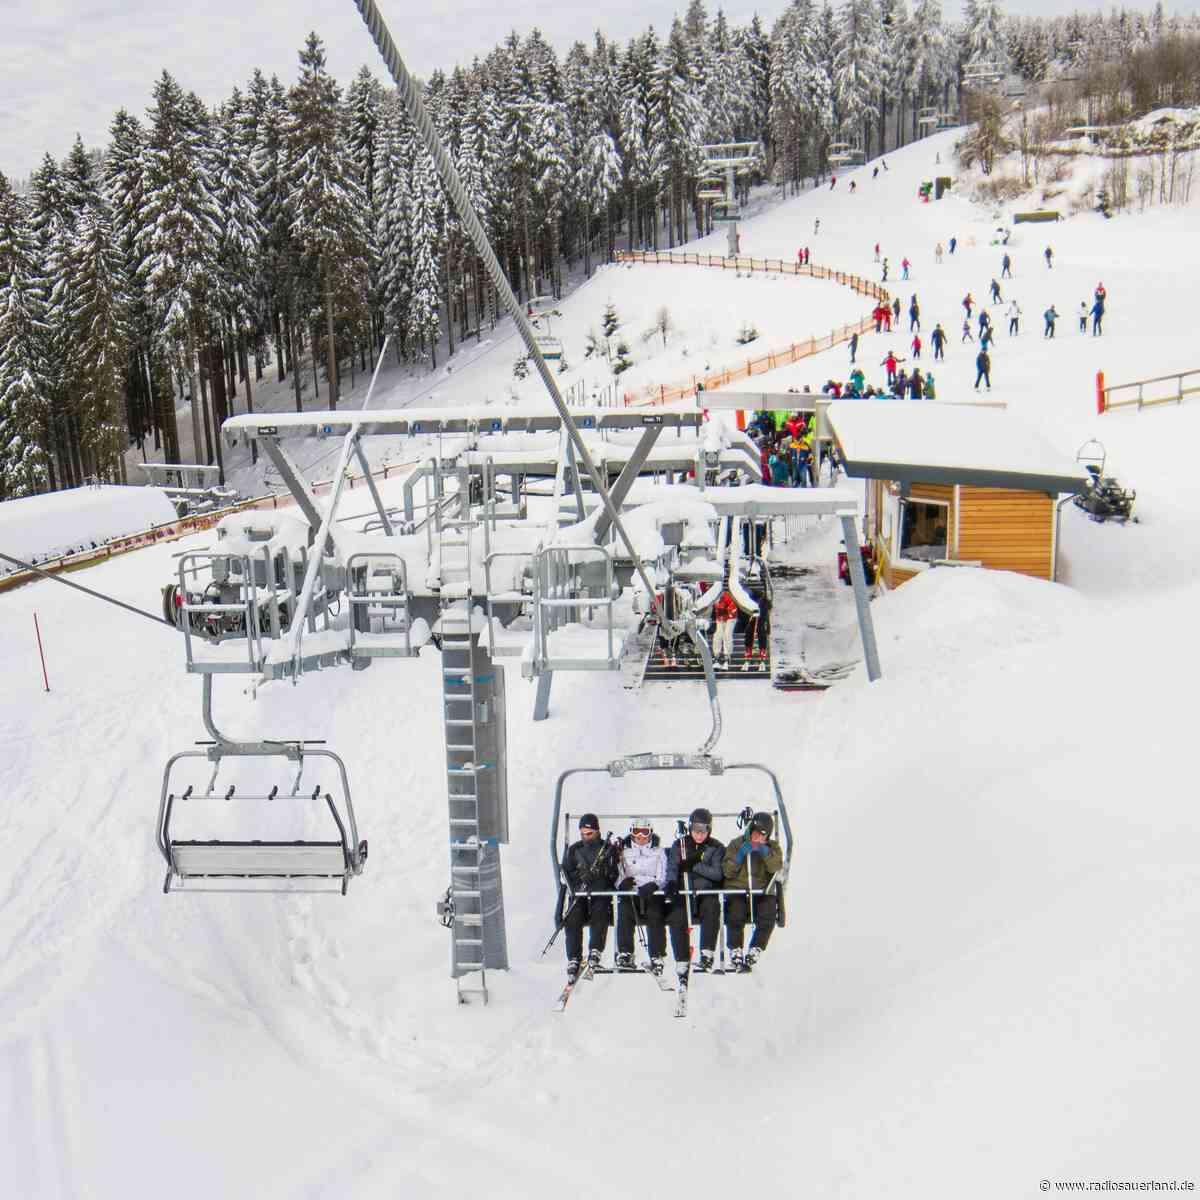 Fahrplan zu Wintersaison in Winterberg - Radio Sauerland